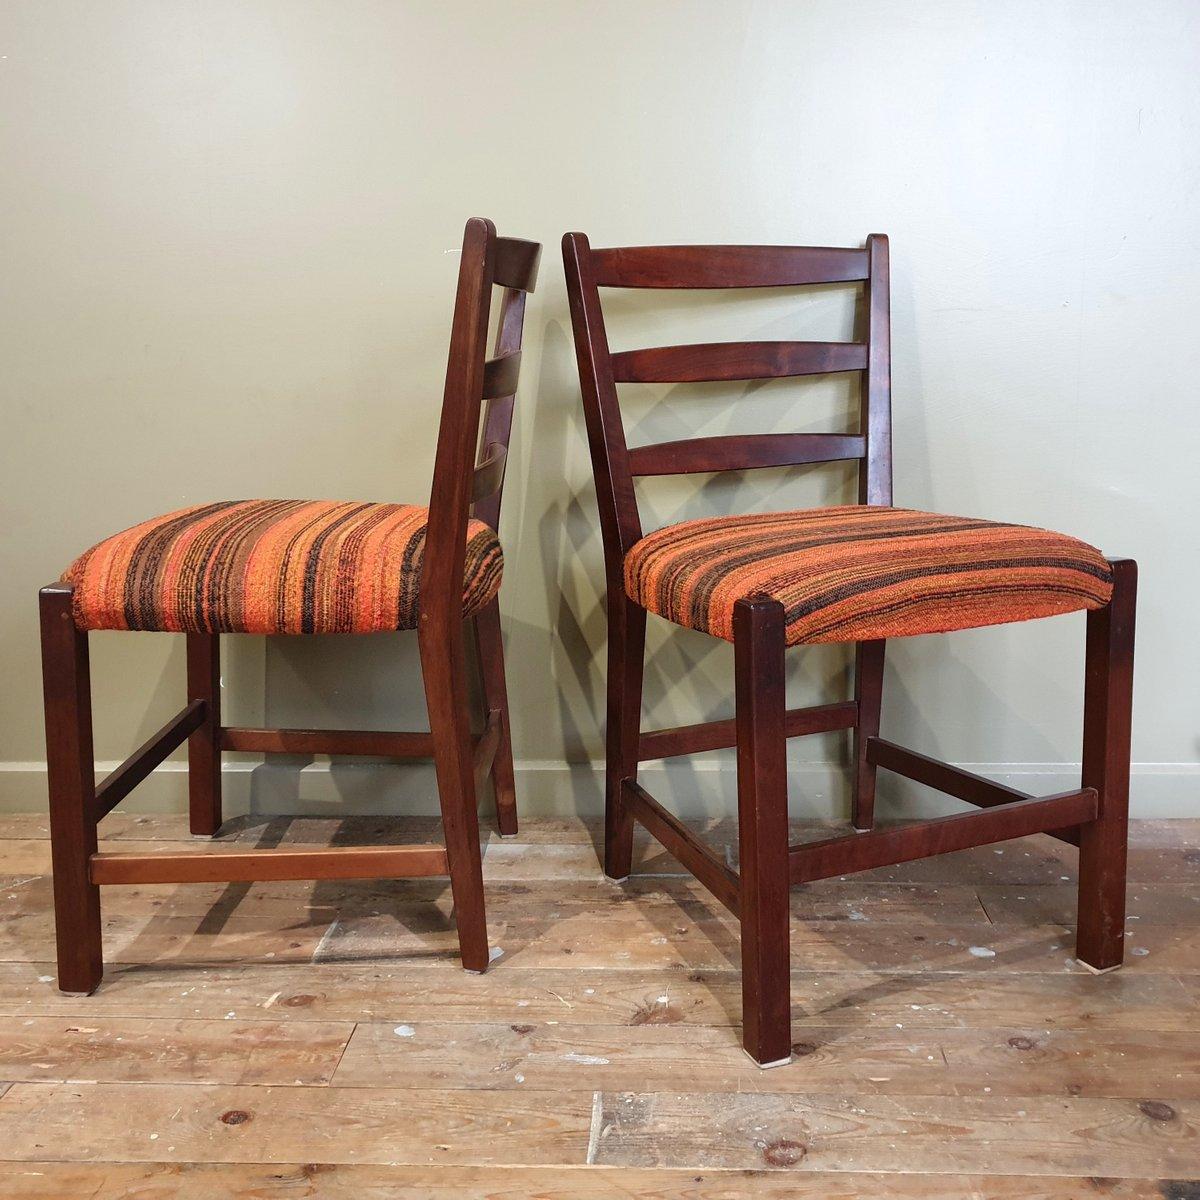 afrikanische vintage st hle aus hartholz 4er set bei pamono kaufen. Black Bedroom Furniture Sets. Home Design Ideas